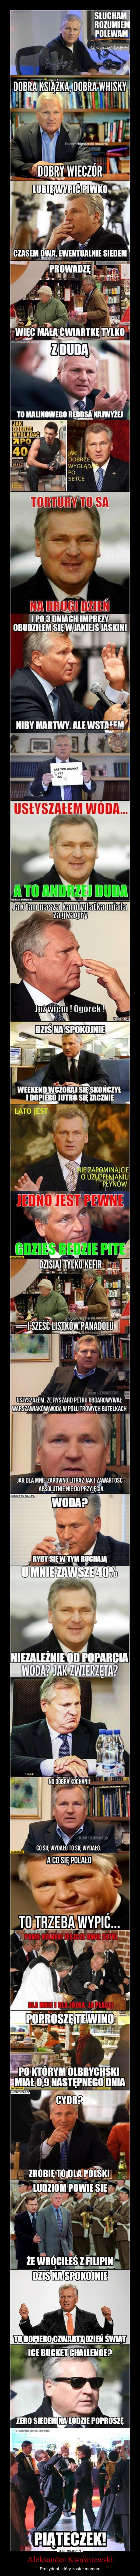 Aleksander Kwaśniewski – Prezydent, który został memem